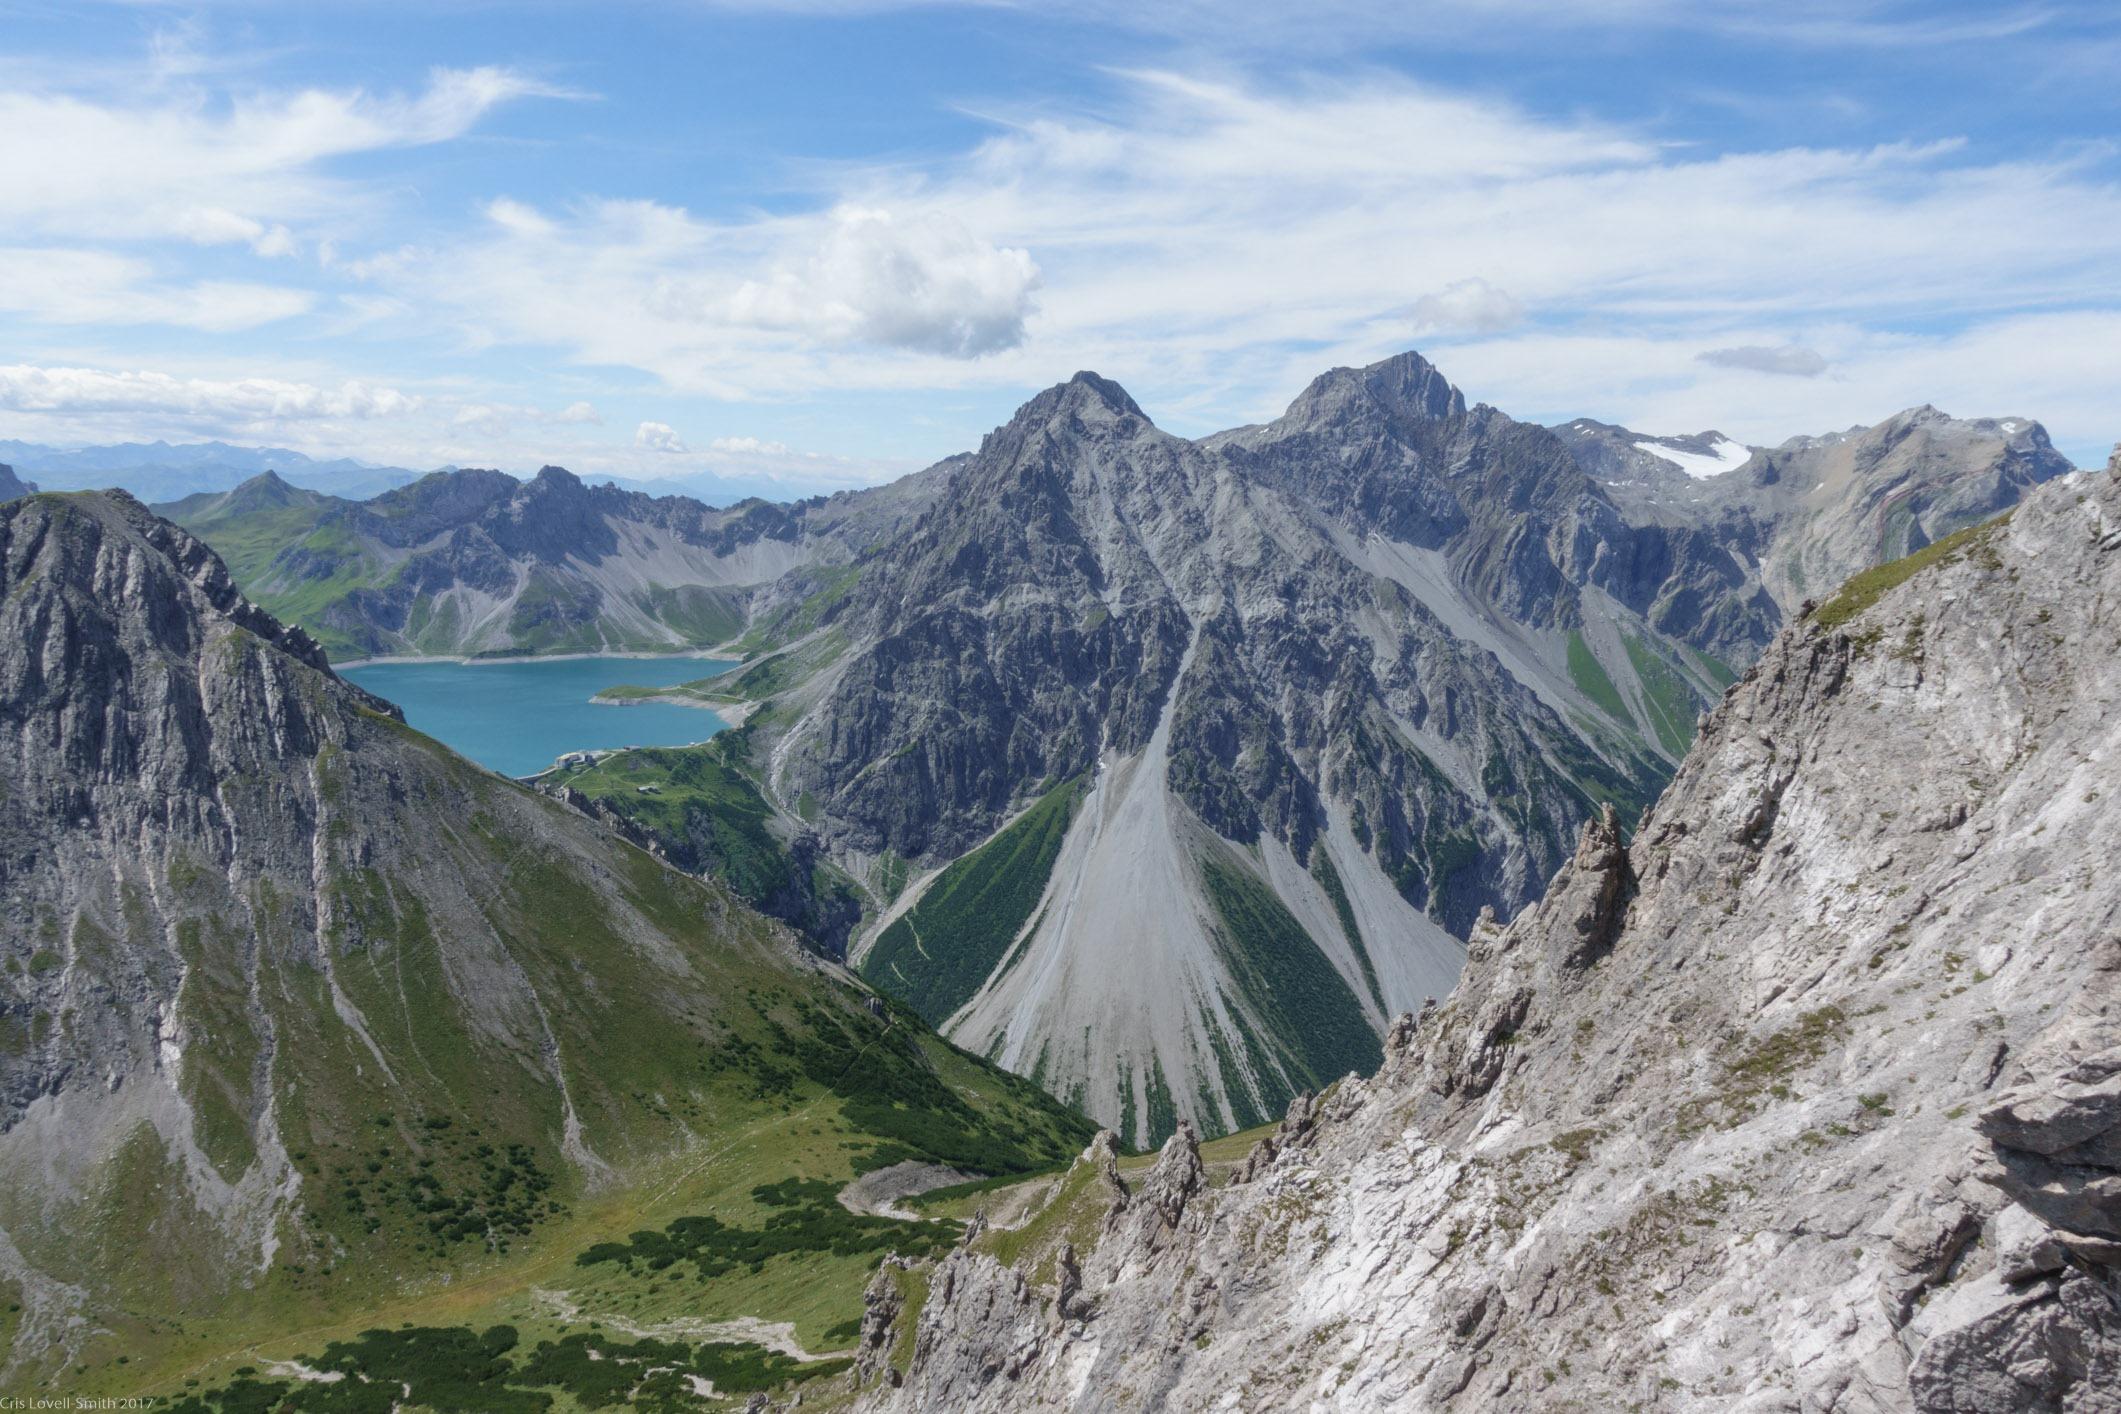 Klettersteig Saulakopf : Saulakopf klettersteig u crispnz trips